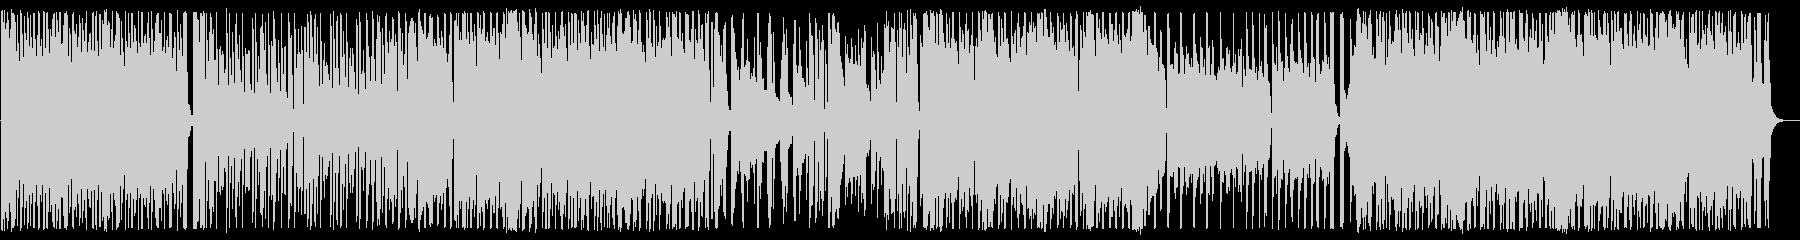 おしゃれ/J-pop_No590_1の未再生の波形